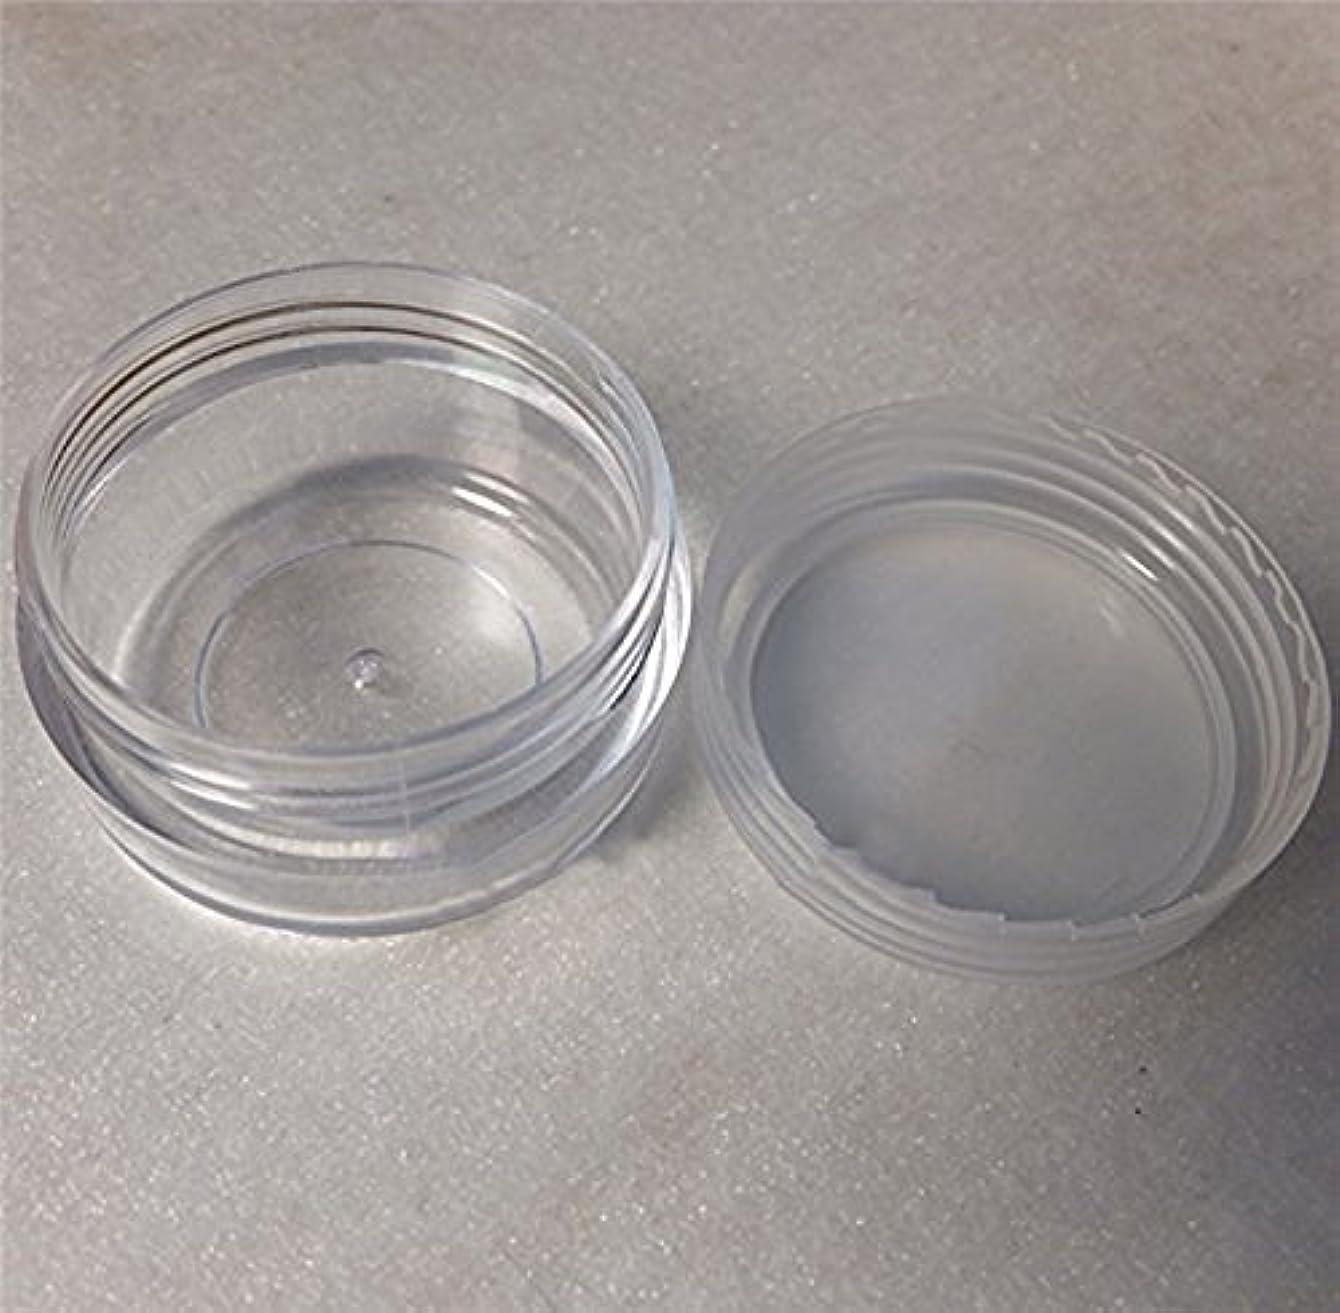 エピソードごめんなさい出発するLautechco 旅行用 化粧品 小分け容器 クリームケース 詰め替え容器  透明 10g 50本セット